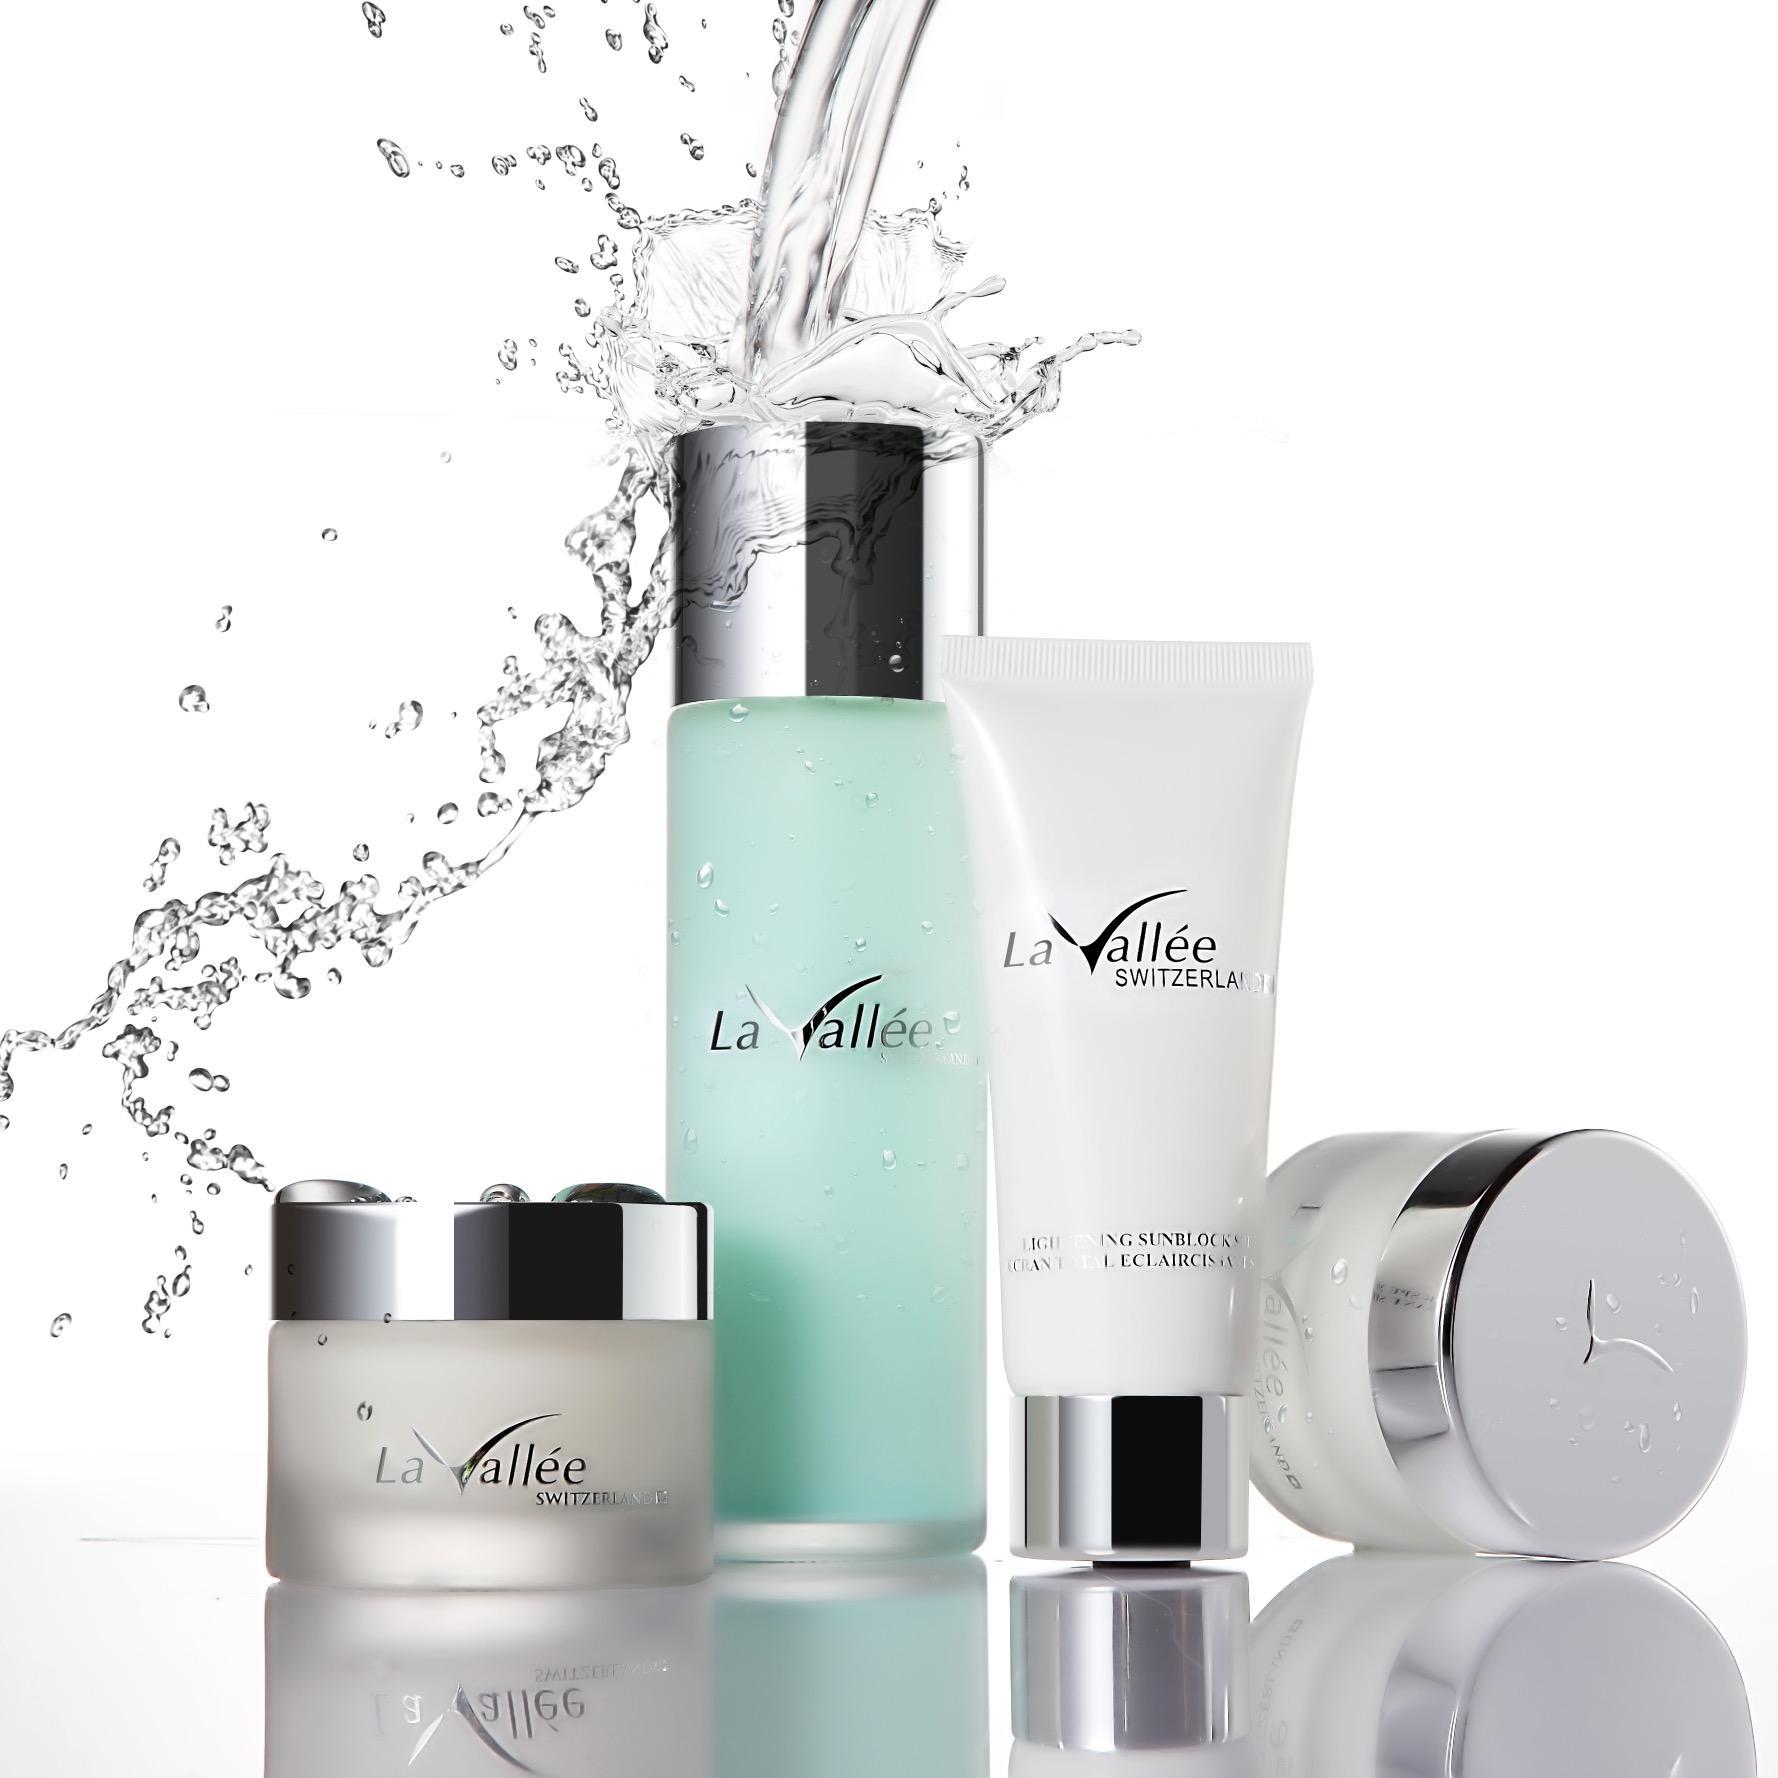 La vall e skin care lavallee expert twitter for La cabine skincare